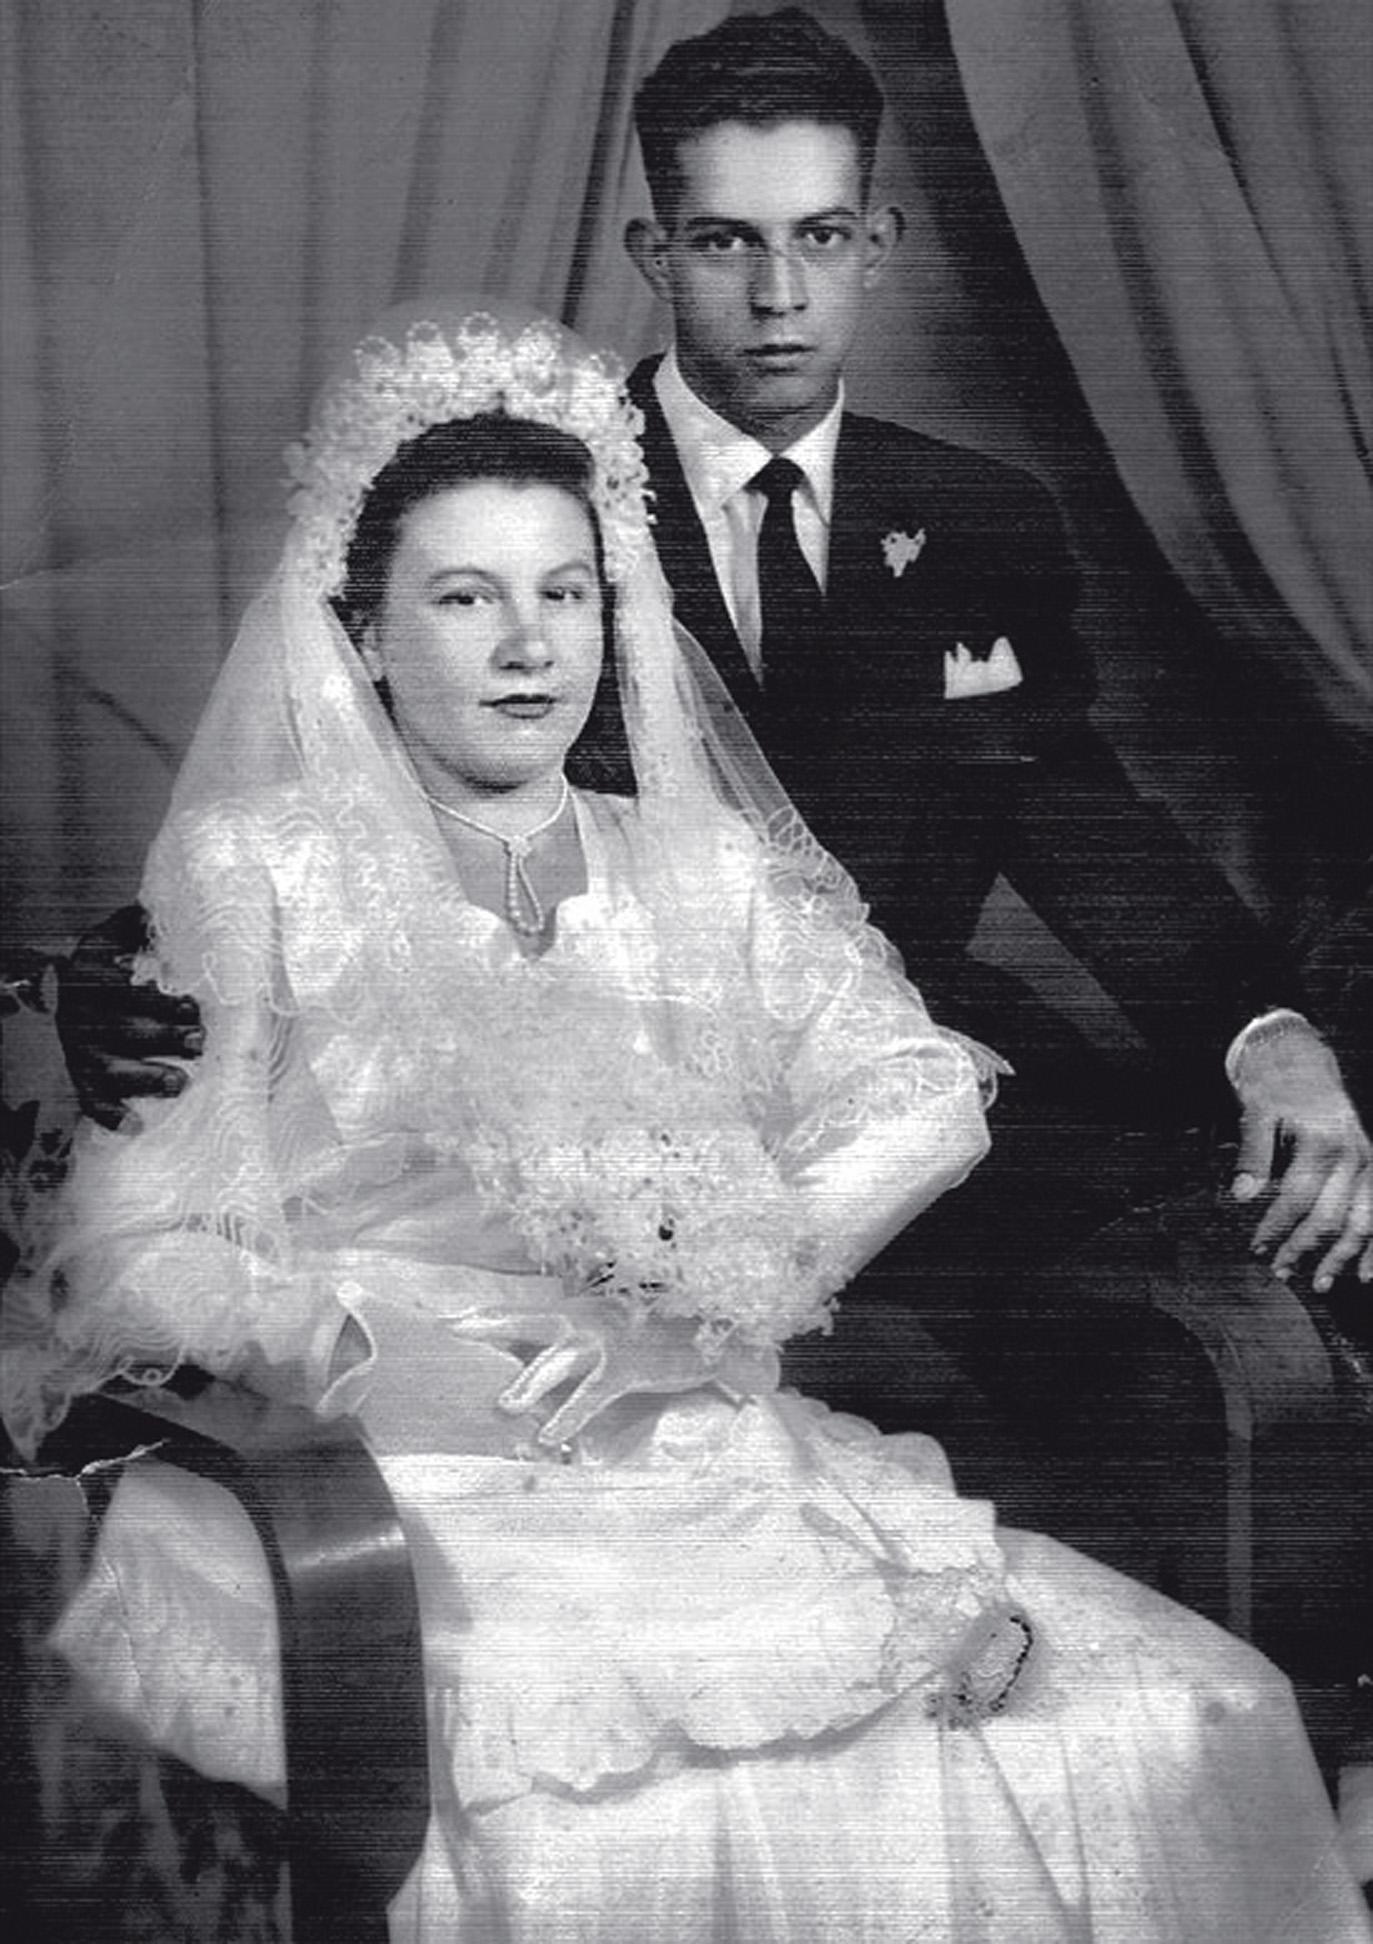 aos 19 anos, no dia do casamento com Mário Onofre